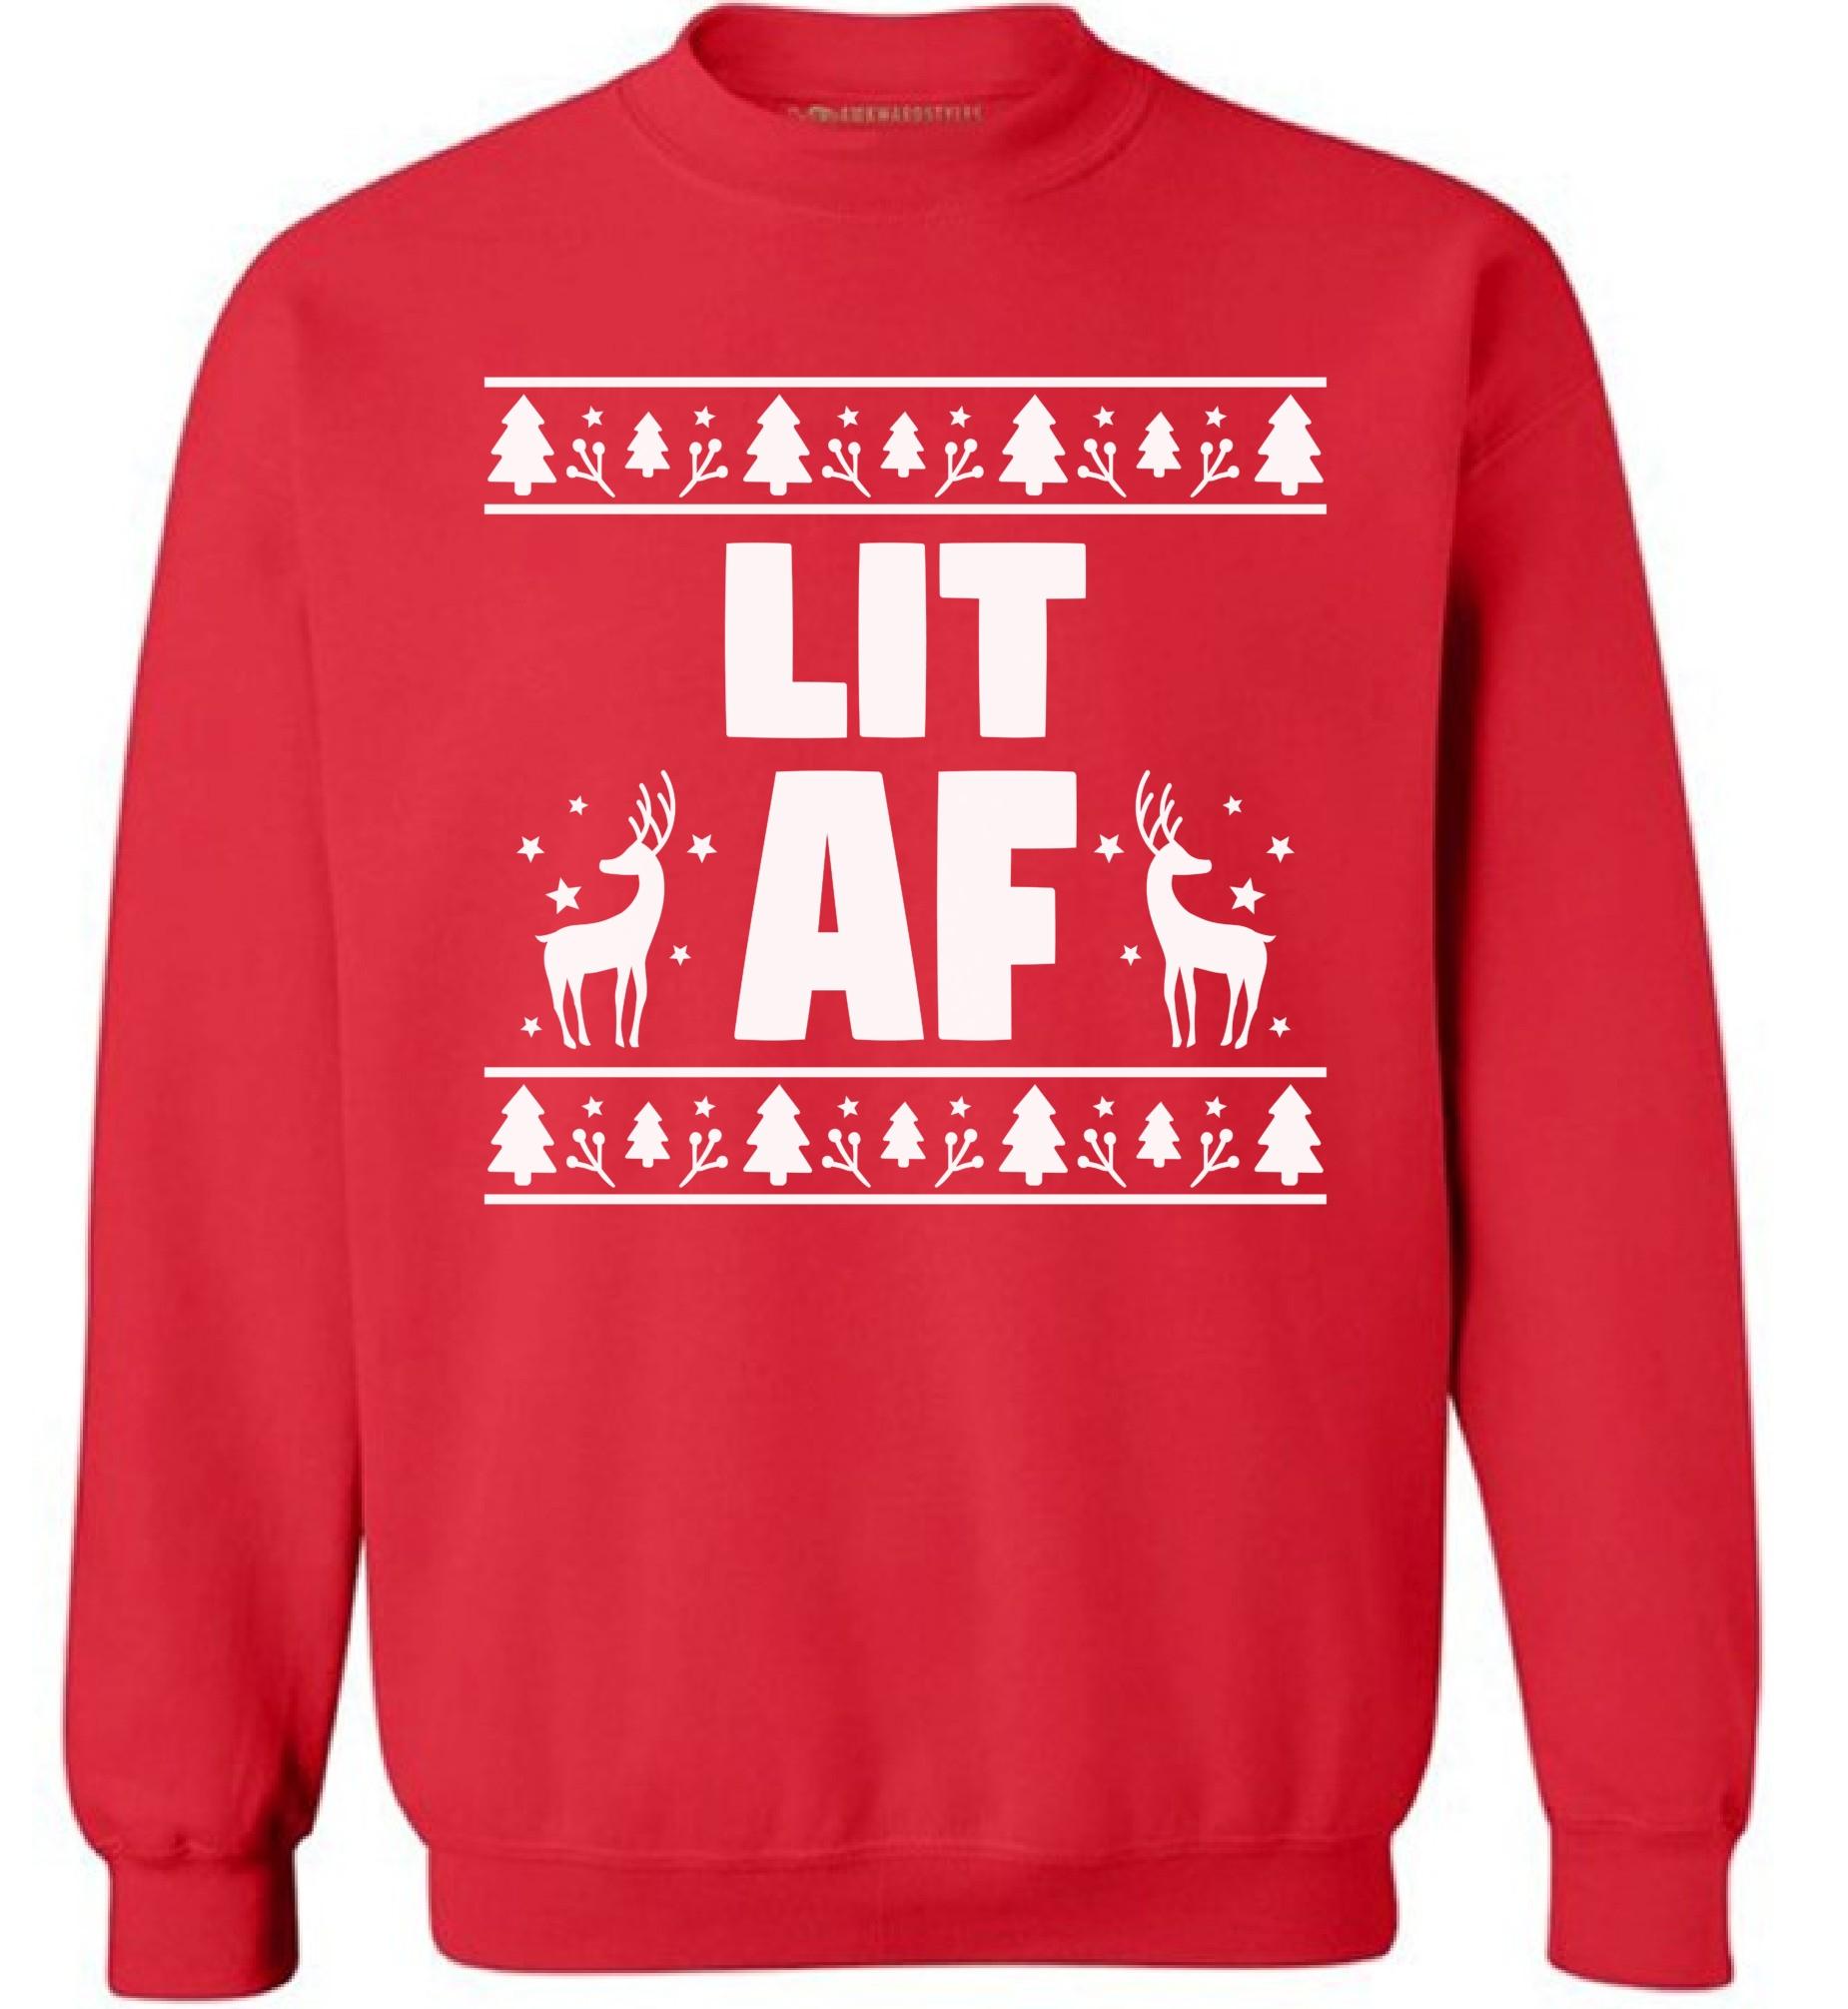 lit af sweatshirt lit sweatshirt lit christmas sweatshirt